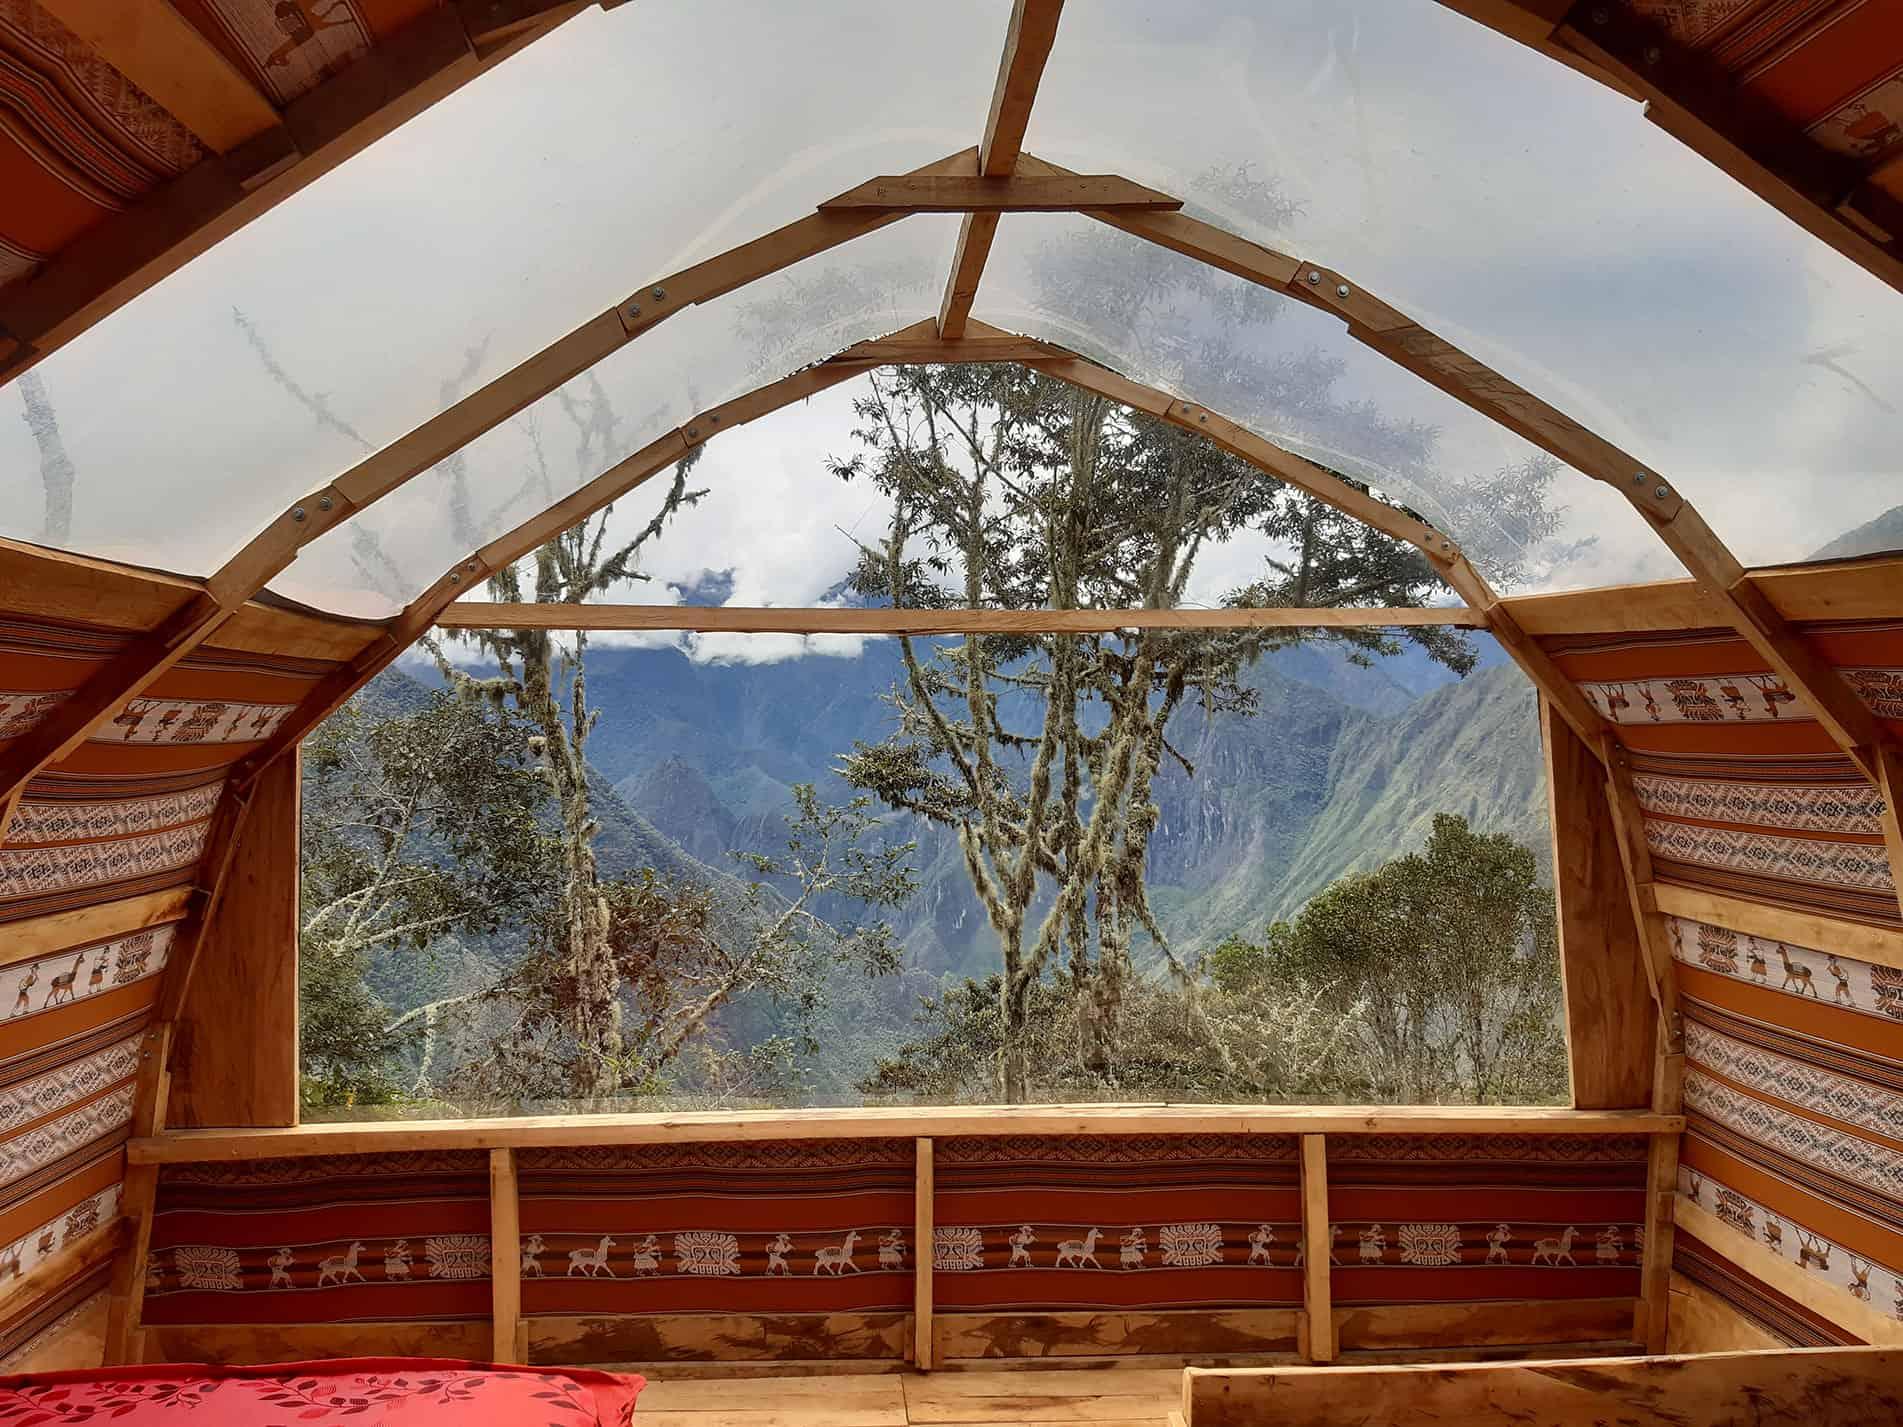 Doble Room - machupicchu lodge